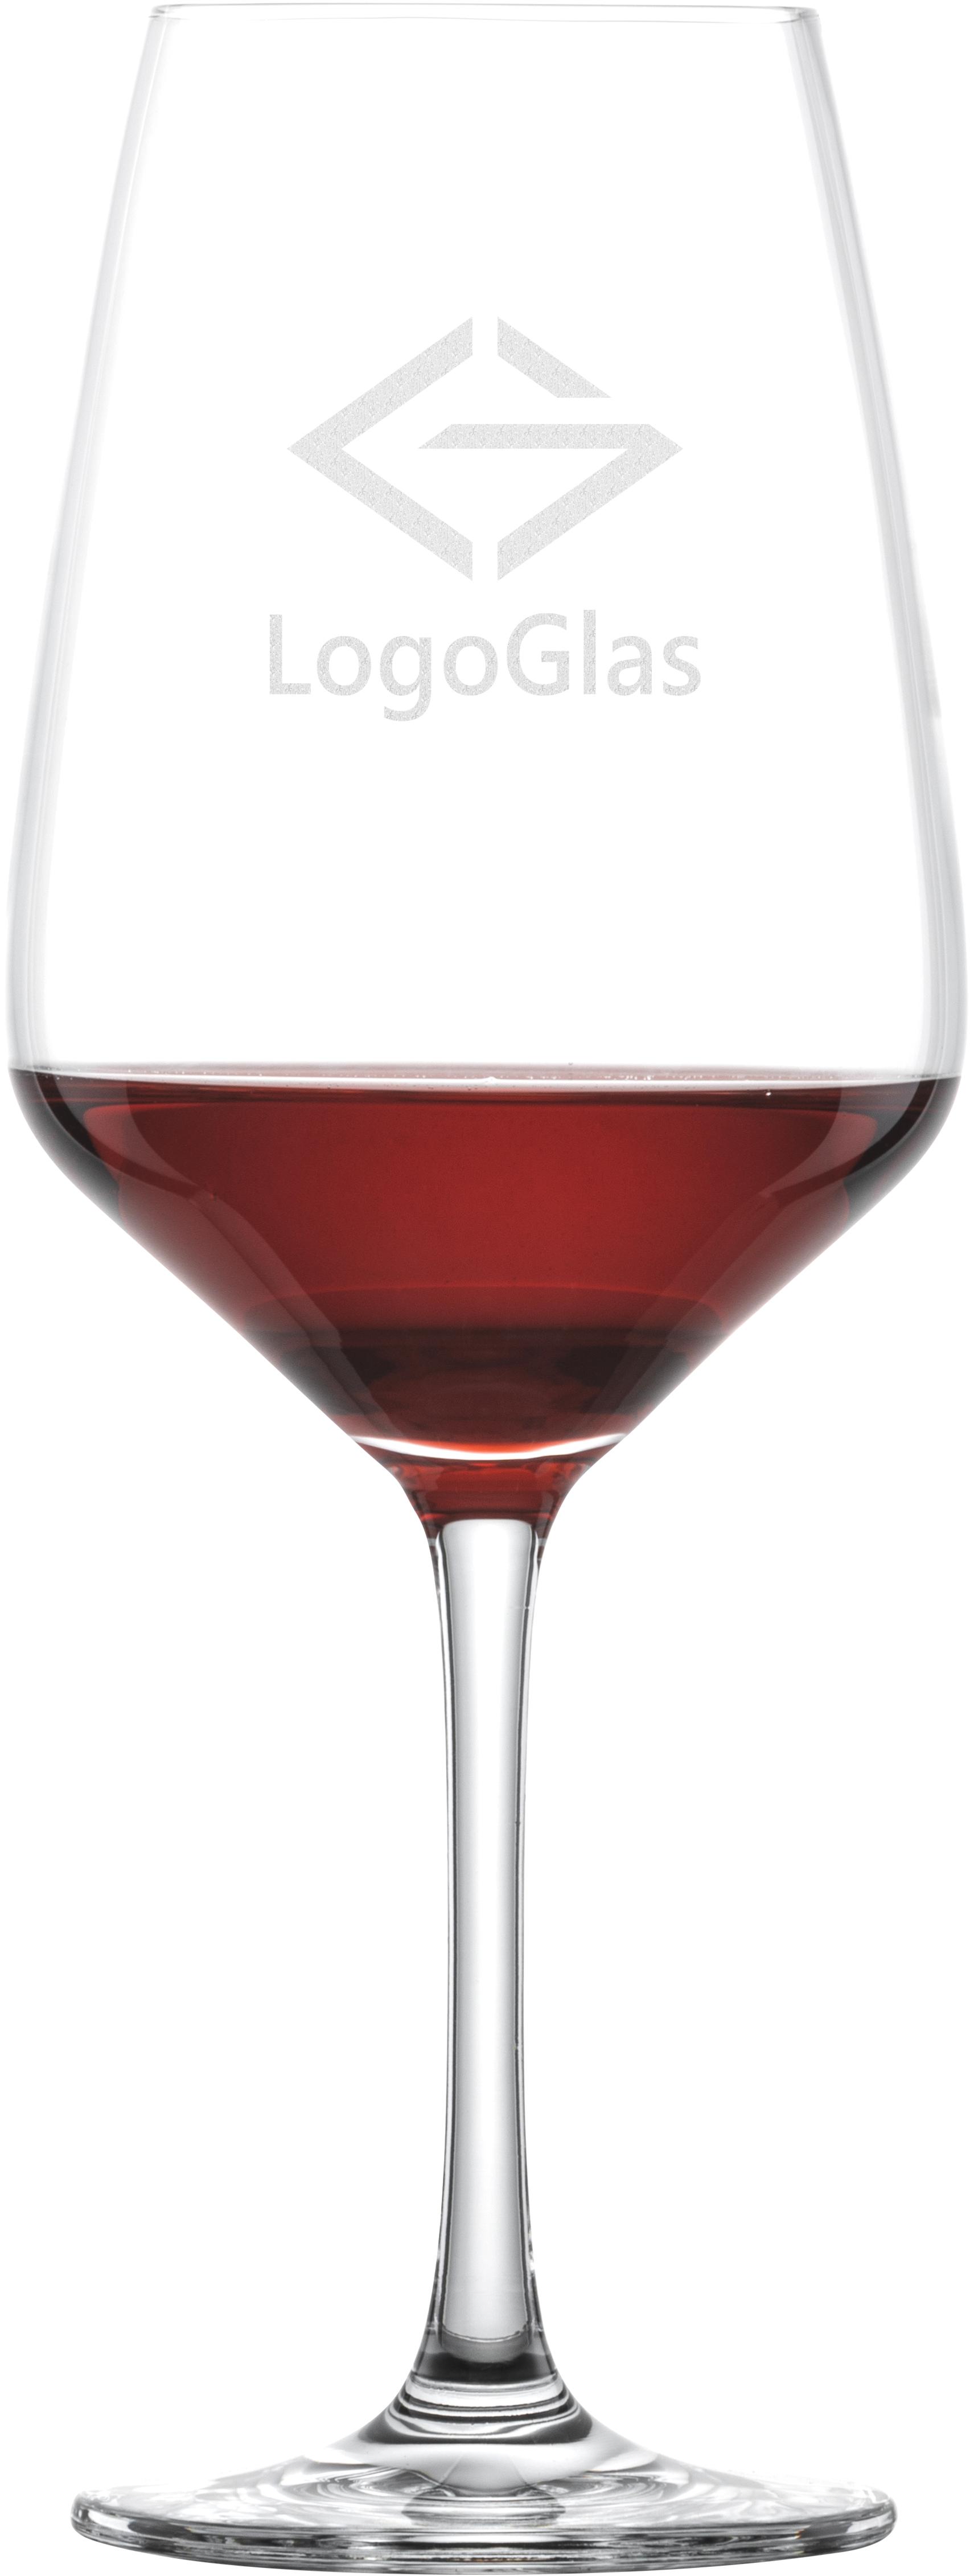 LOGO SCHOTT Rotweinglas TASTE 497ml | Rotweinkelch | mit Logo